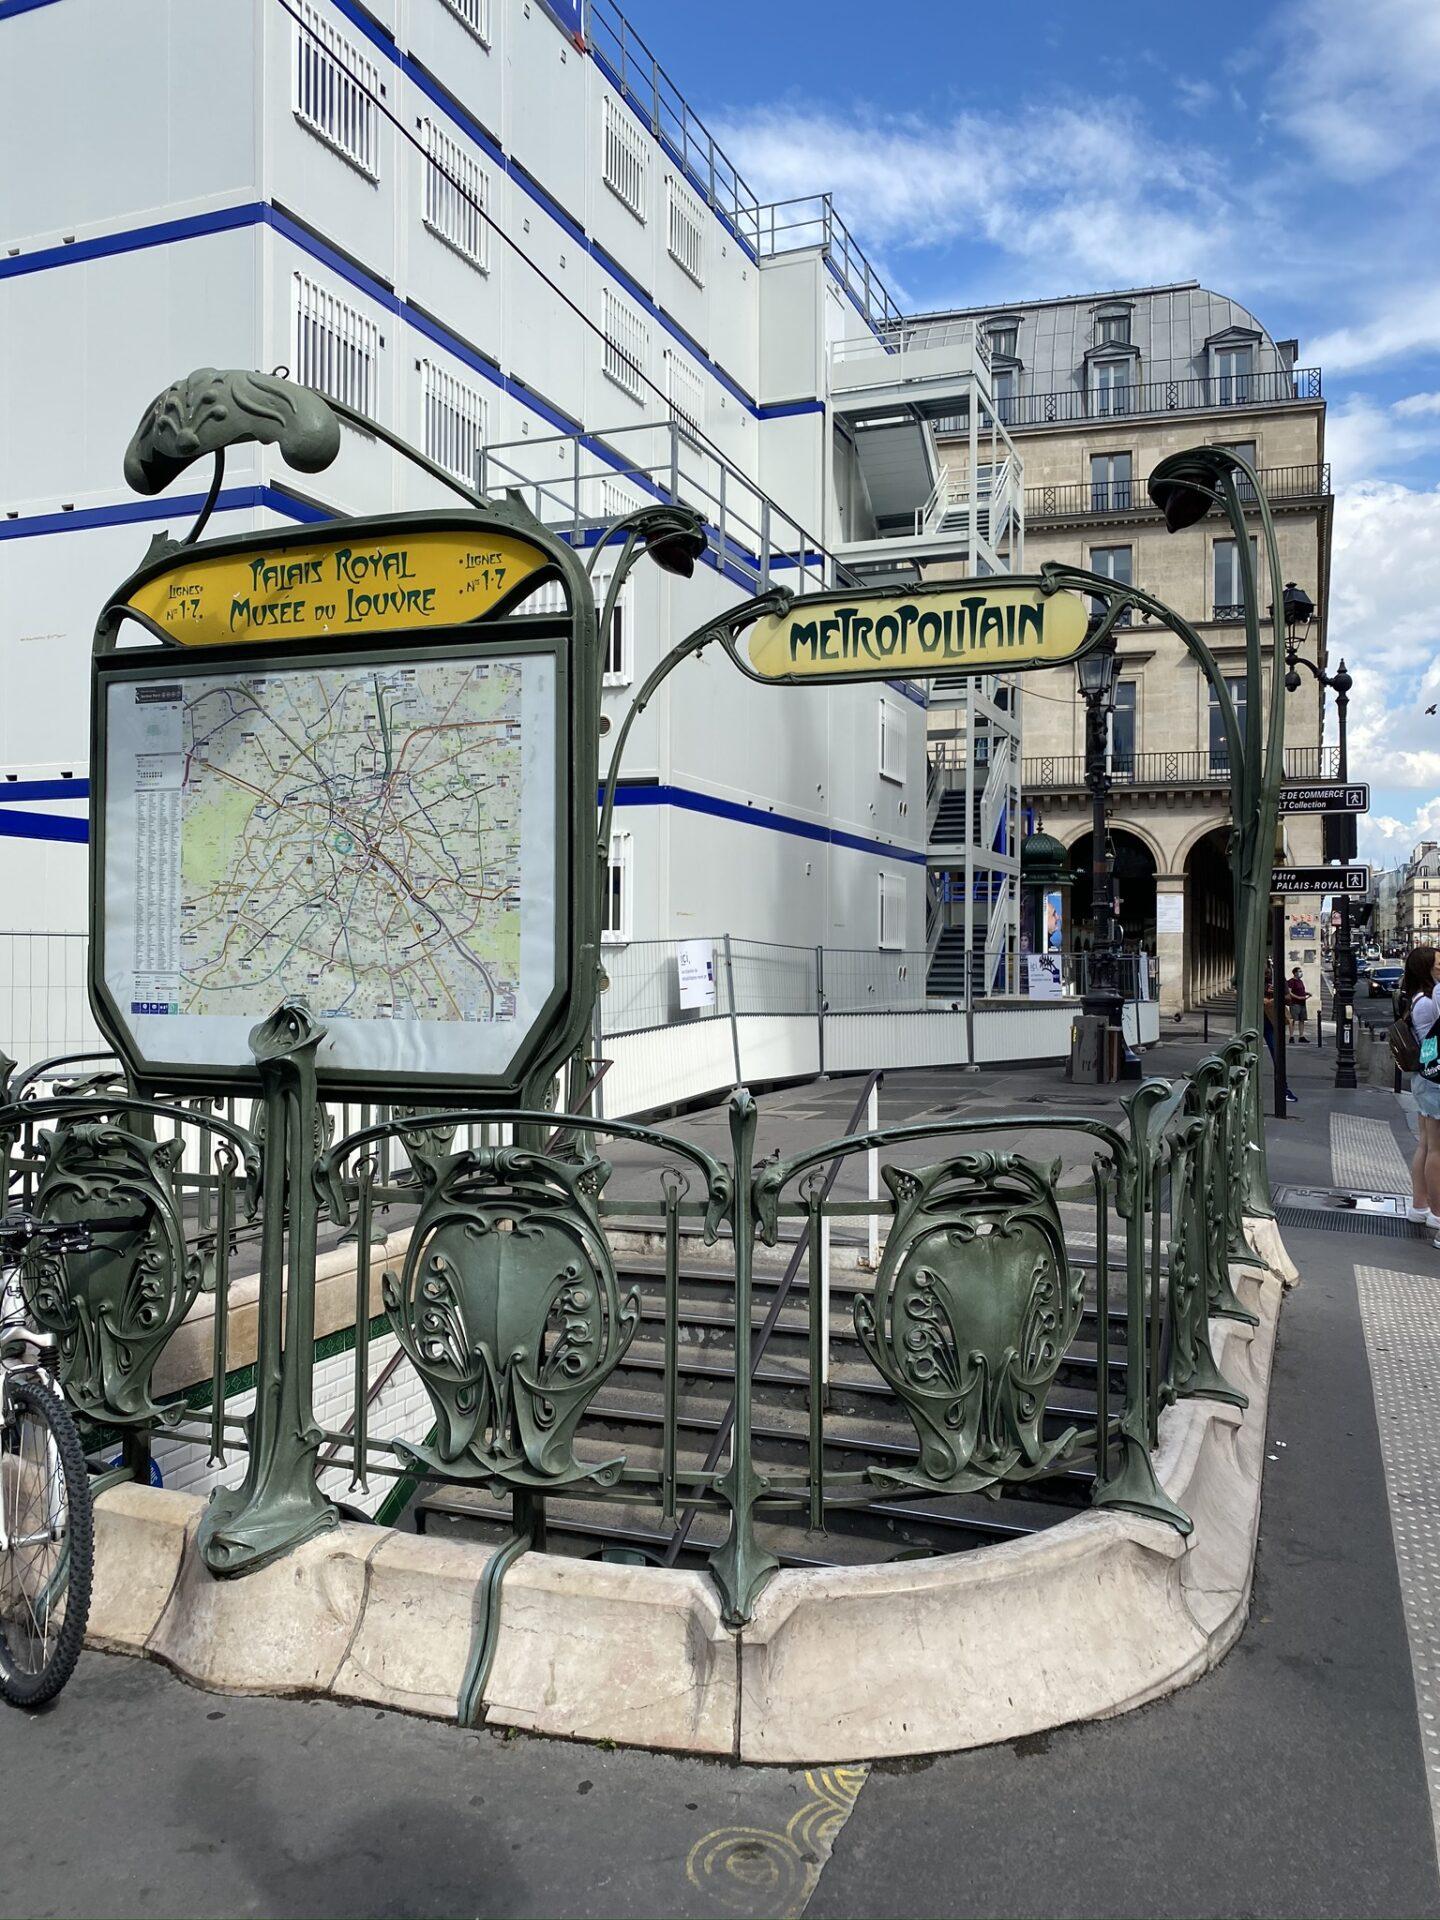 Paříž - vstup do metra